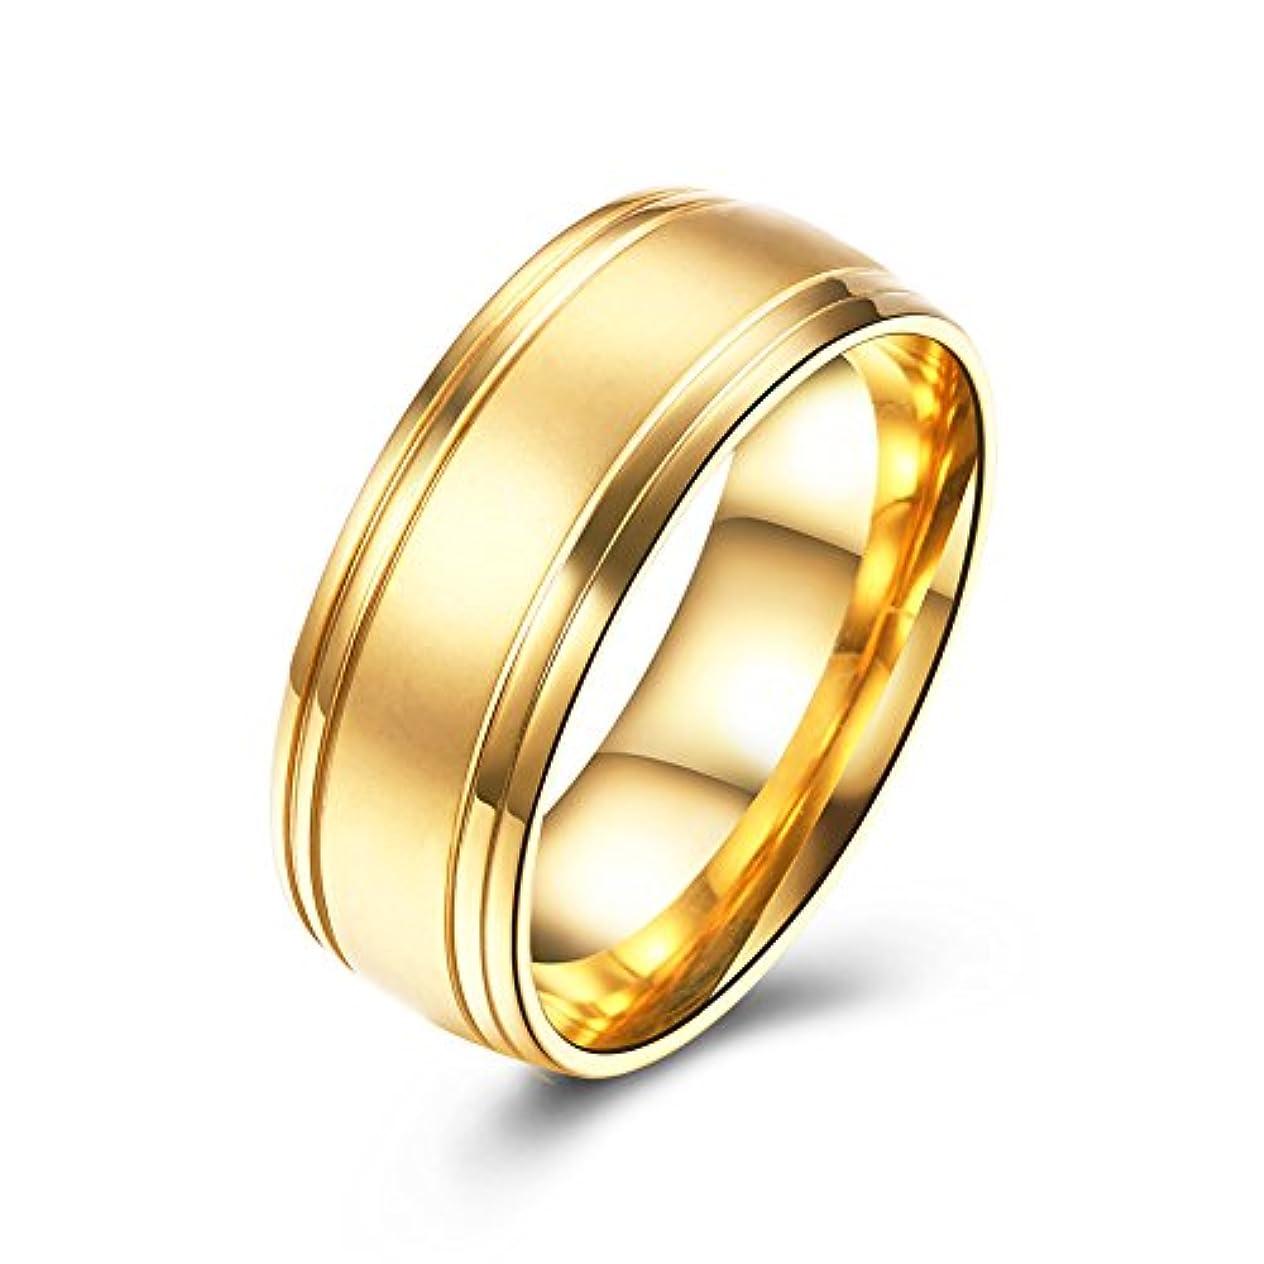 加害者ブリード薬用流行アクセサリー バレンタインデーのカップルの指輪 ステンレススタンダードリング アレルギーを防ぐ 色あせない